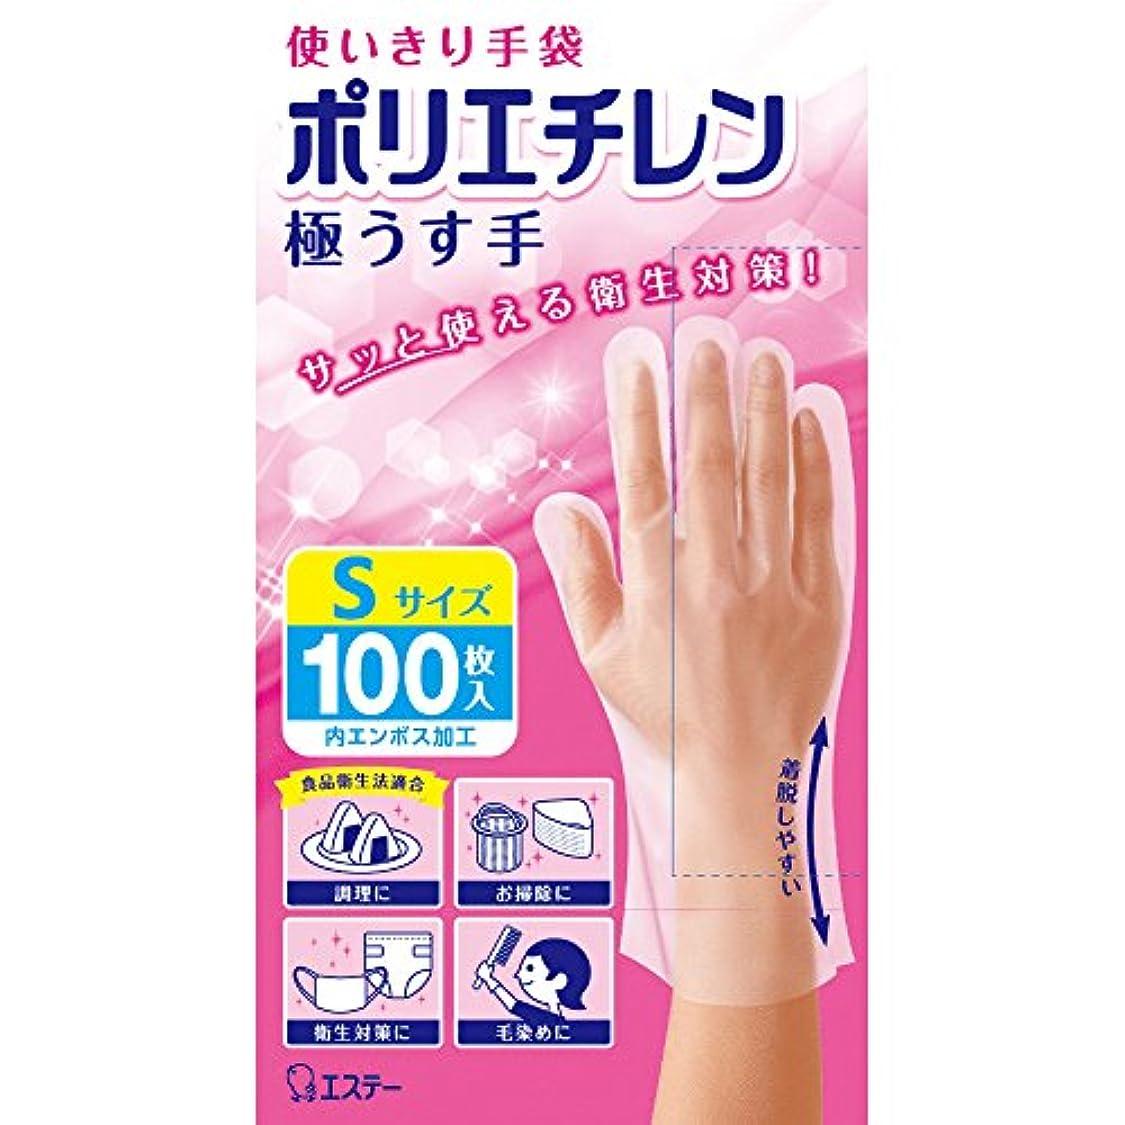 モンク混乱したピルファー使いきり手袋 ポリエチレン 極うす手 Sサイズ 半透明 100枚